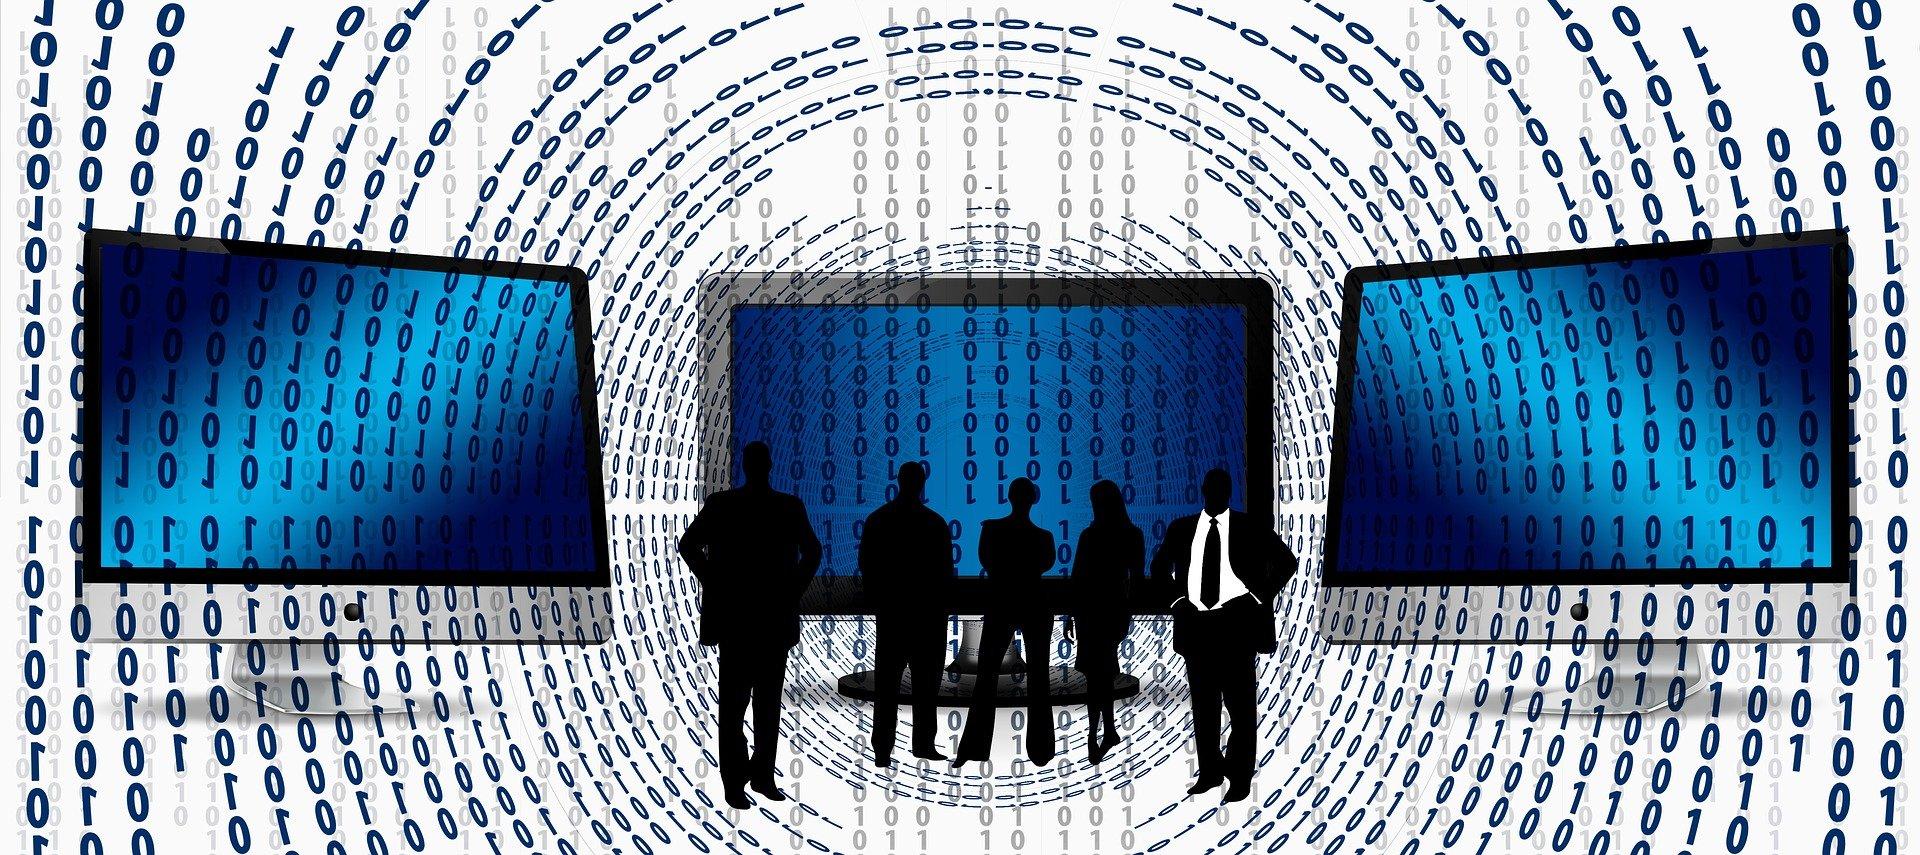 Competição dos novos players é a maior preocupação dos bancos de varejo, diz pesquisa global da Capgemini